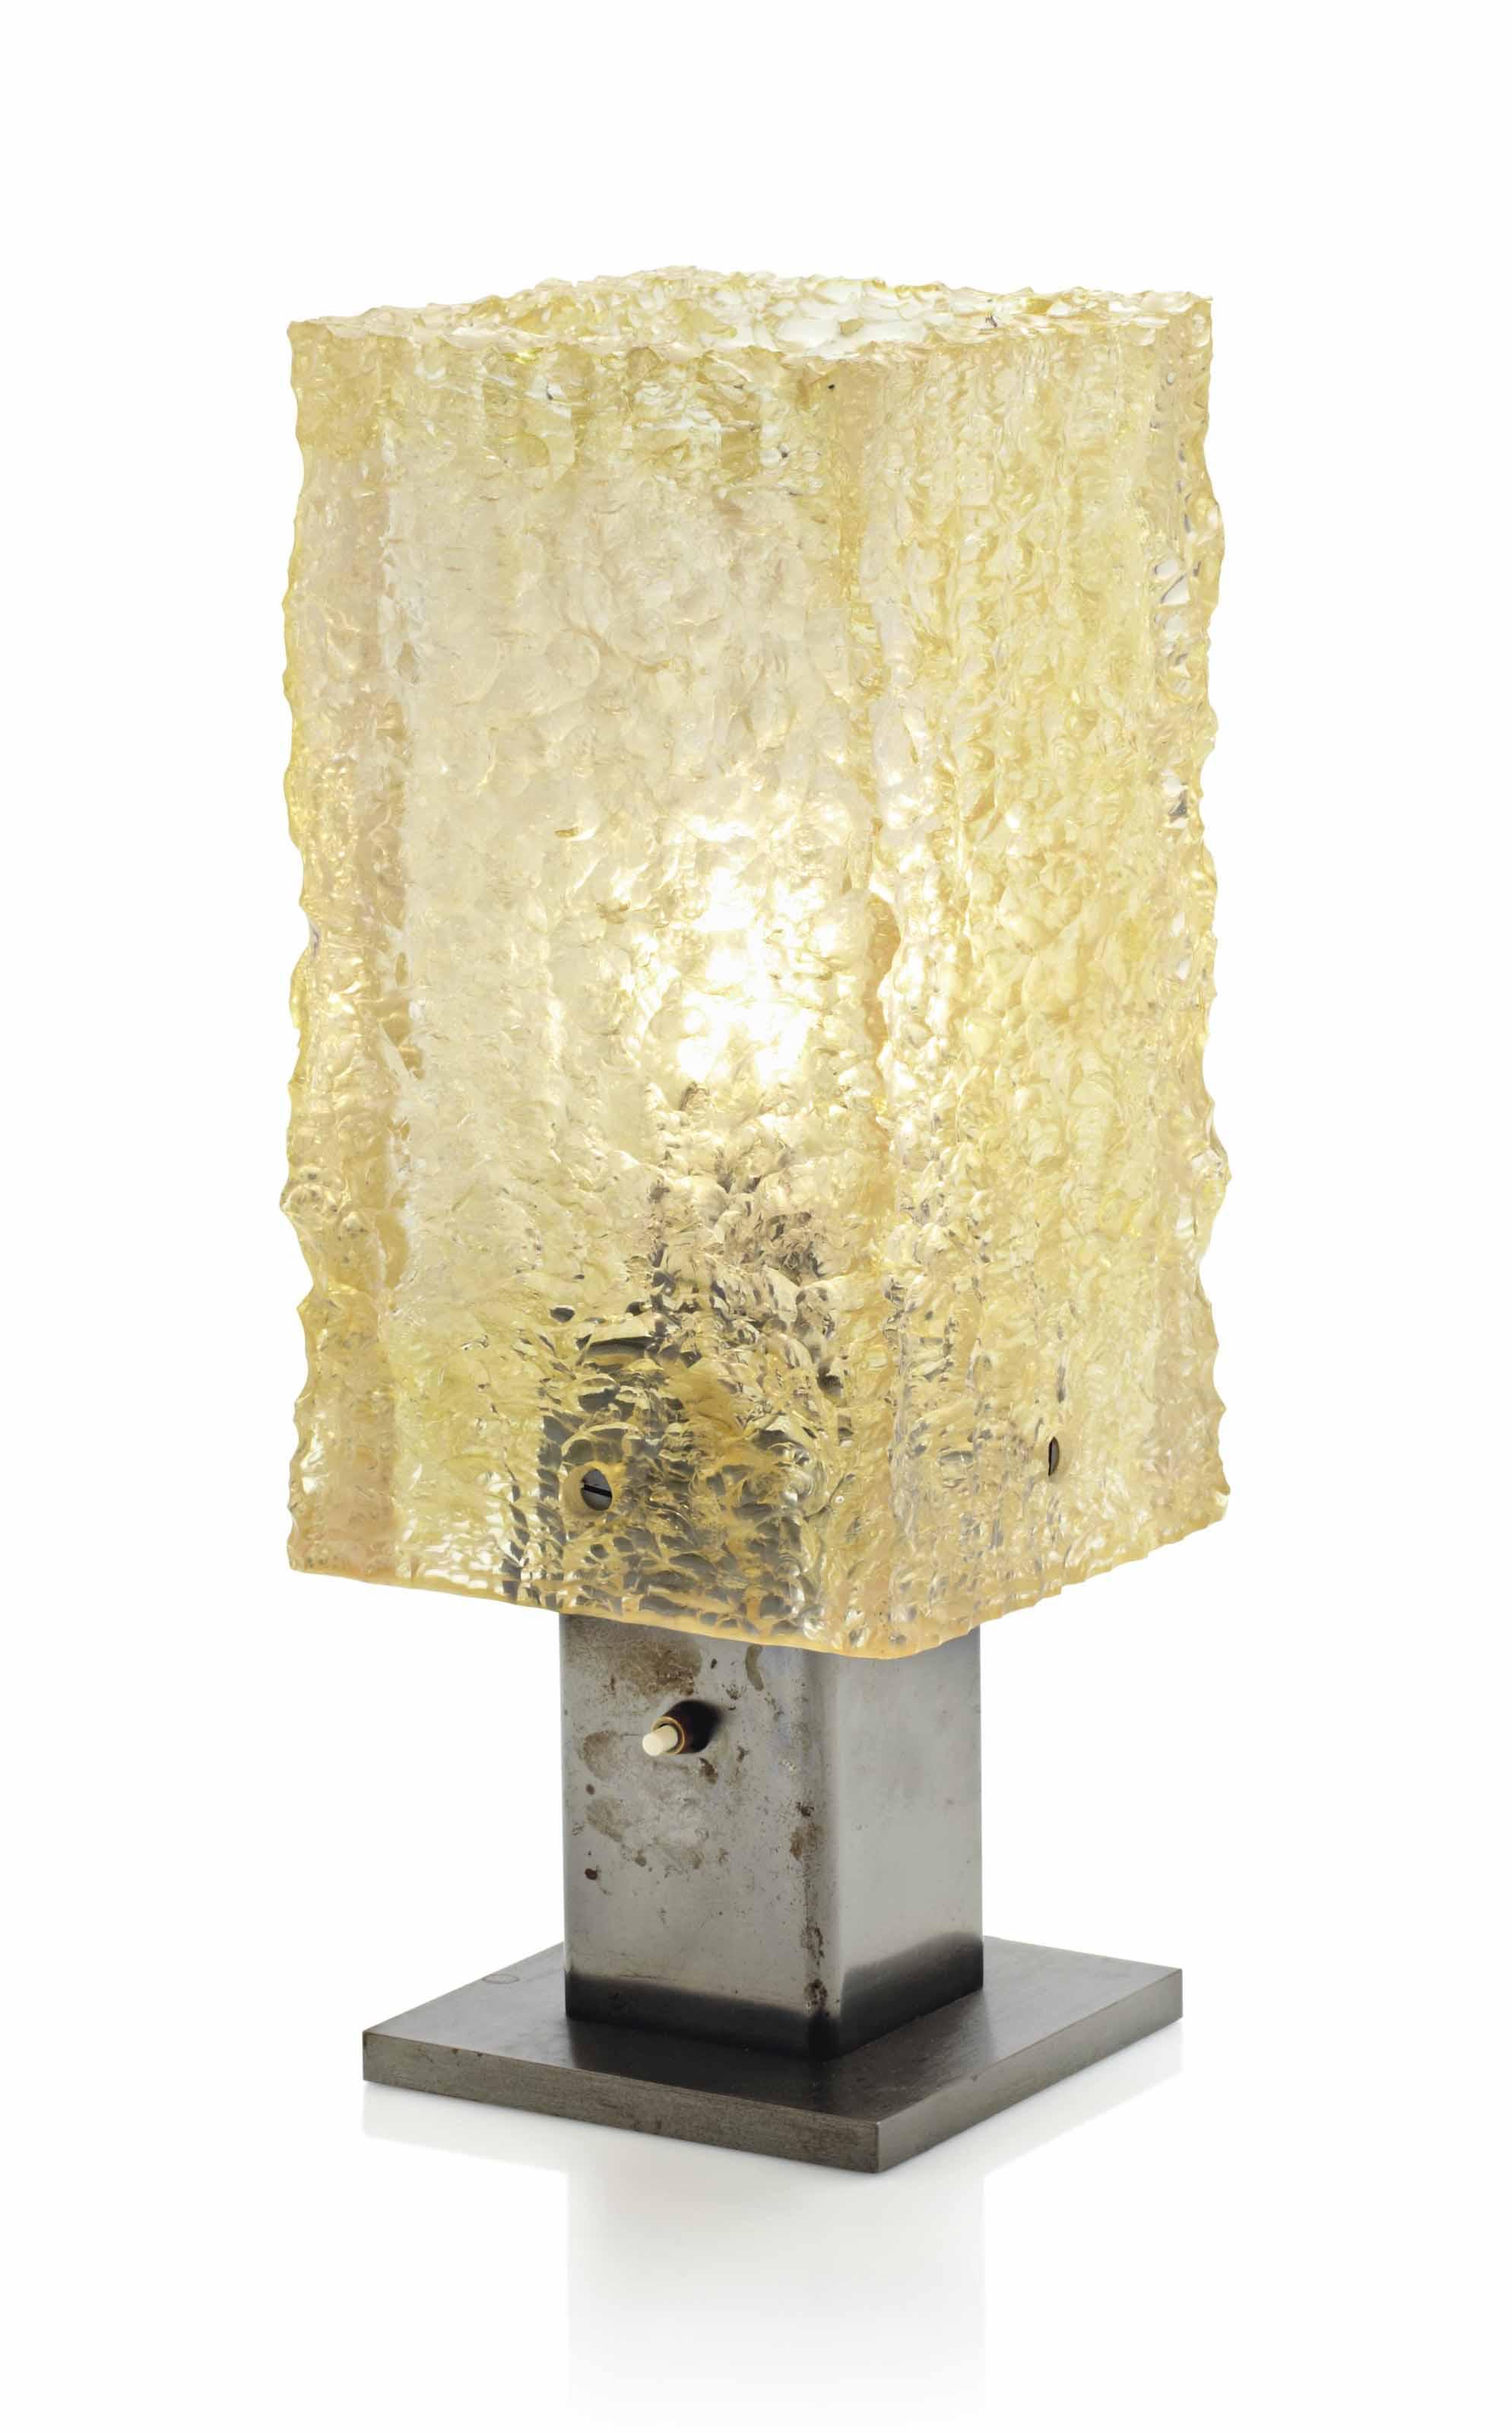 serge mouille 1922 1988 lampe de table 39 dallux 39 distribu e par sinma le mod le cr en. Black Bedroom Furniture Sets. Home Design Ideas